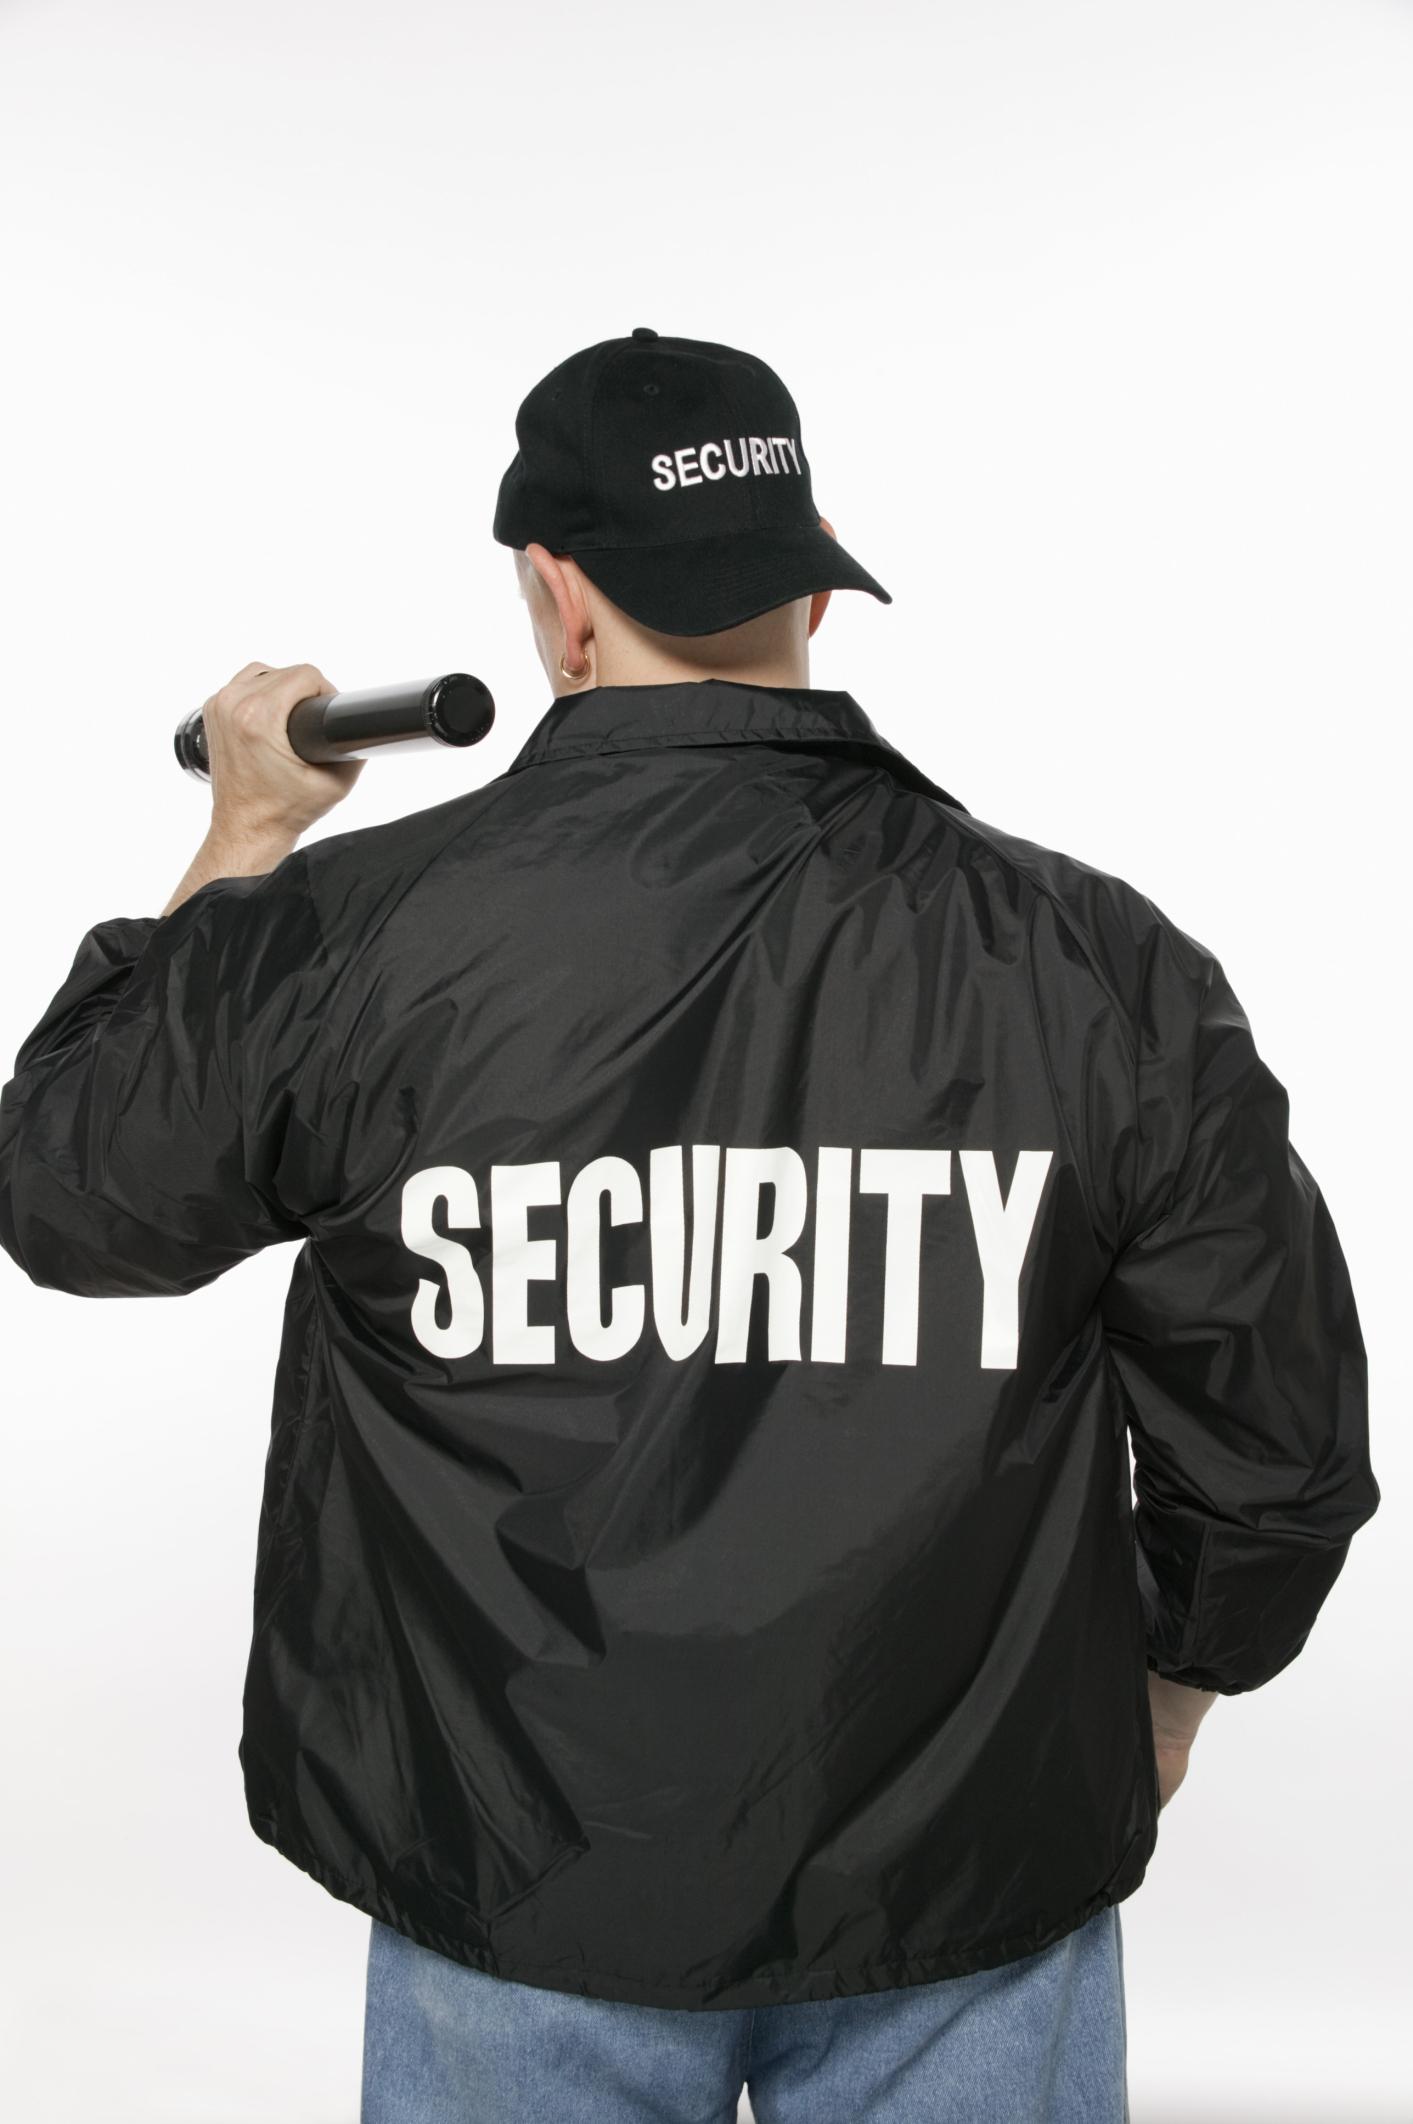 Objetivos del currículum de un guardia de seguridad |